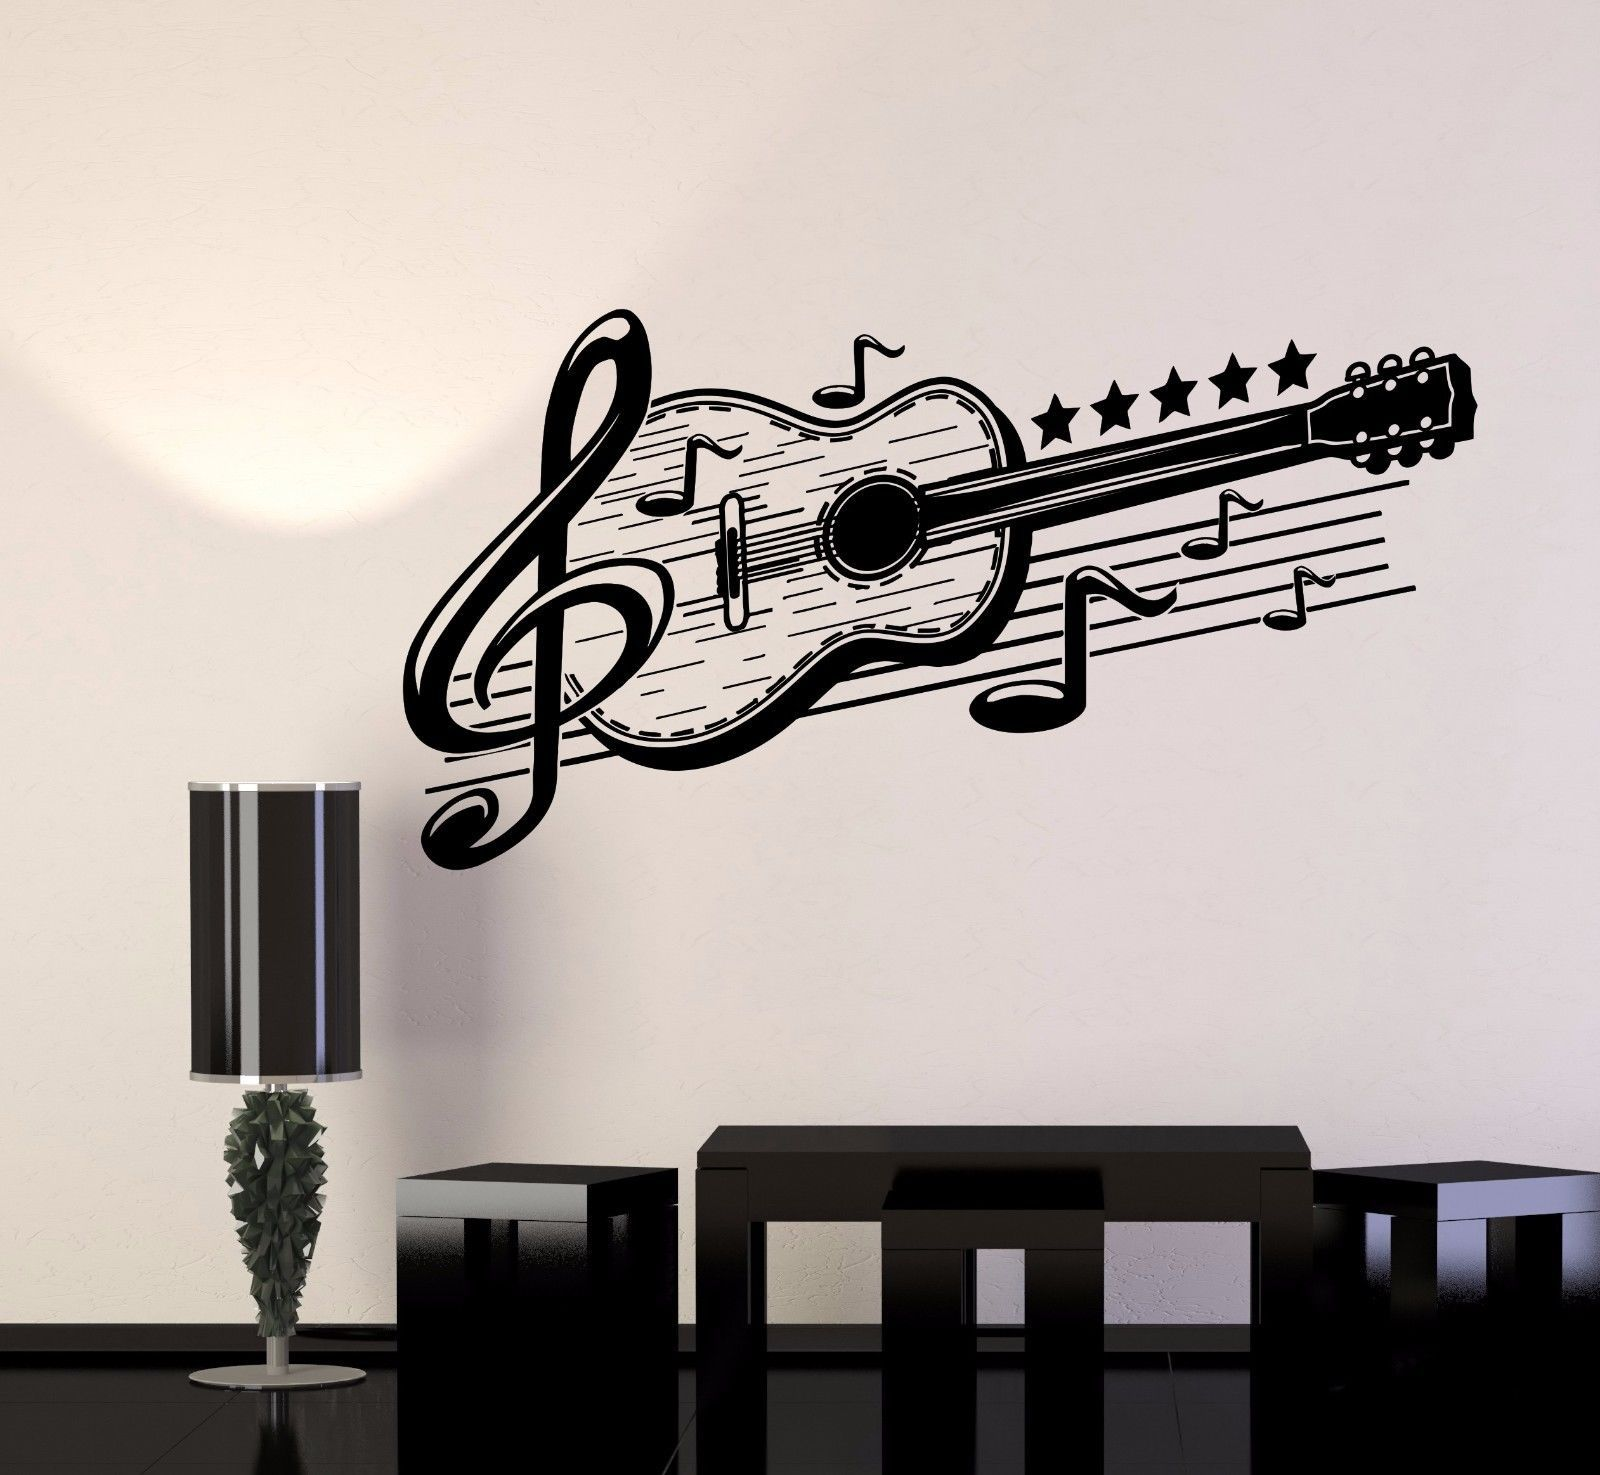 Vinyl Wall Decal Guitar Musical Art Music Decor Stickers Mural